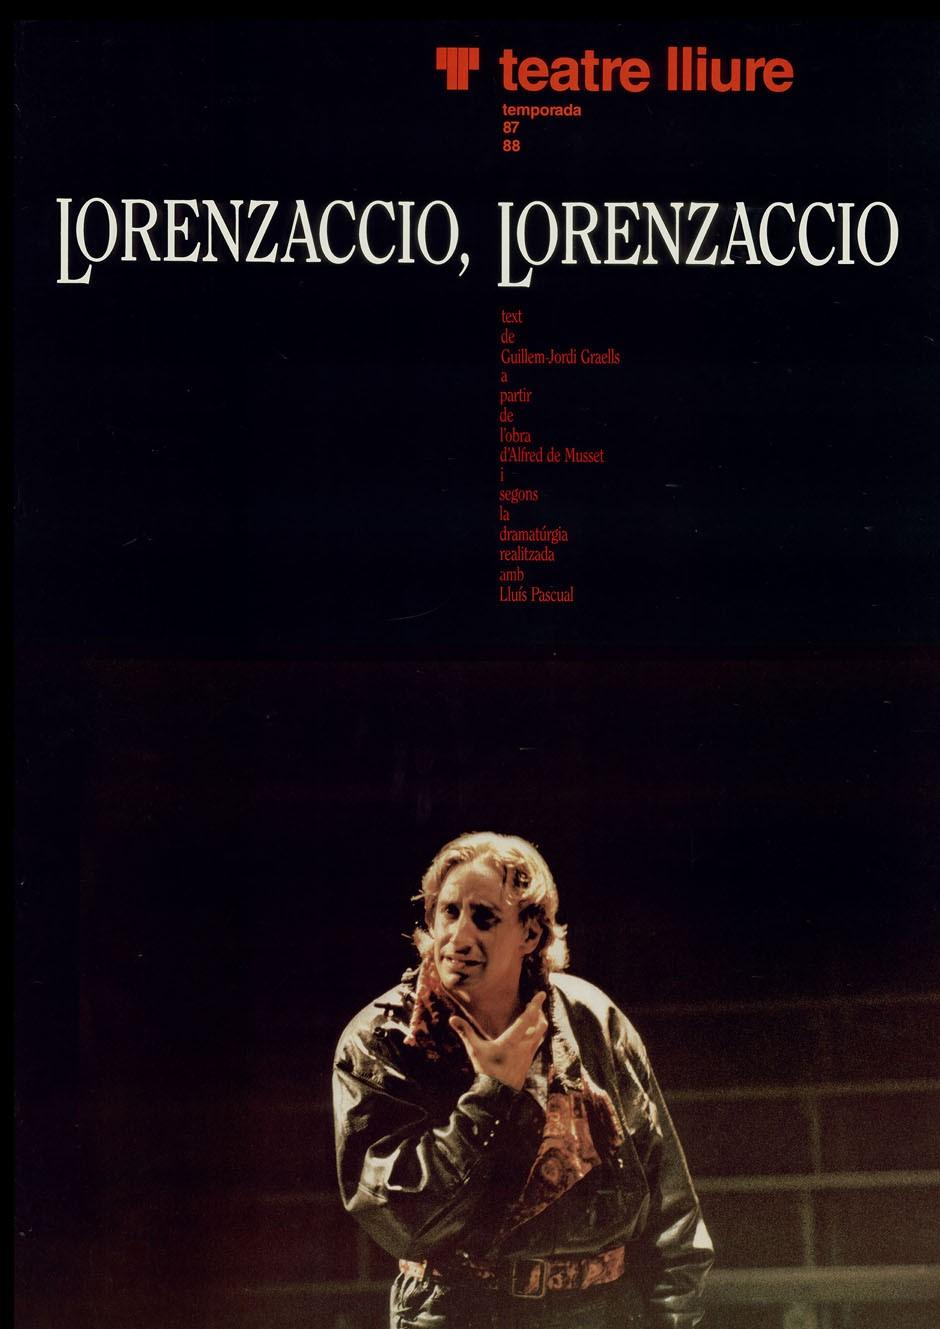 Lorenzaccio, Lorenzaccio (1989)